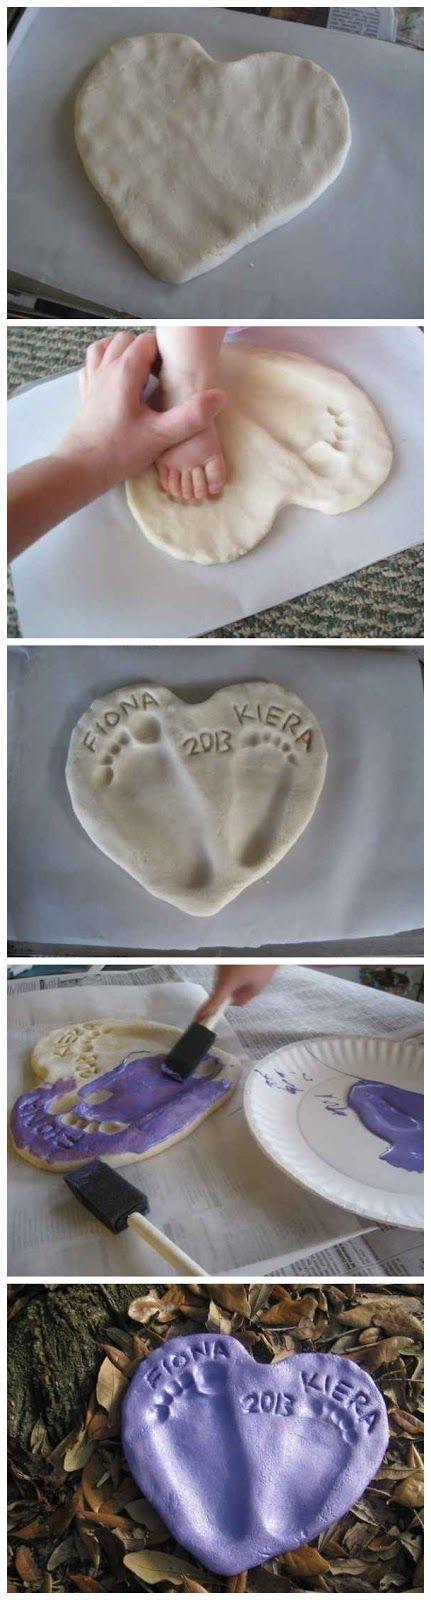 Molde das mãos e pés do bebê